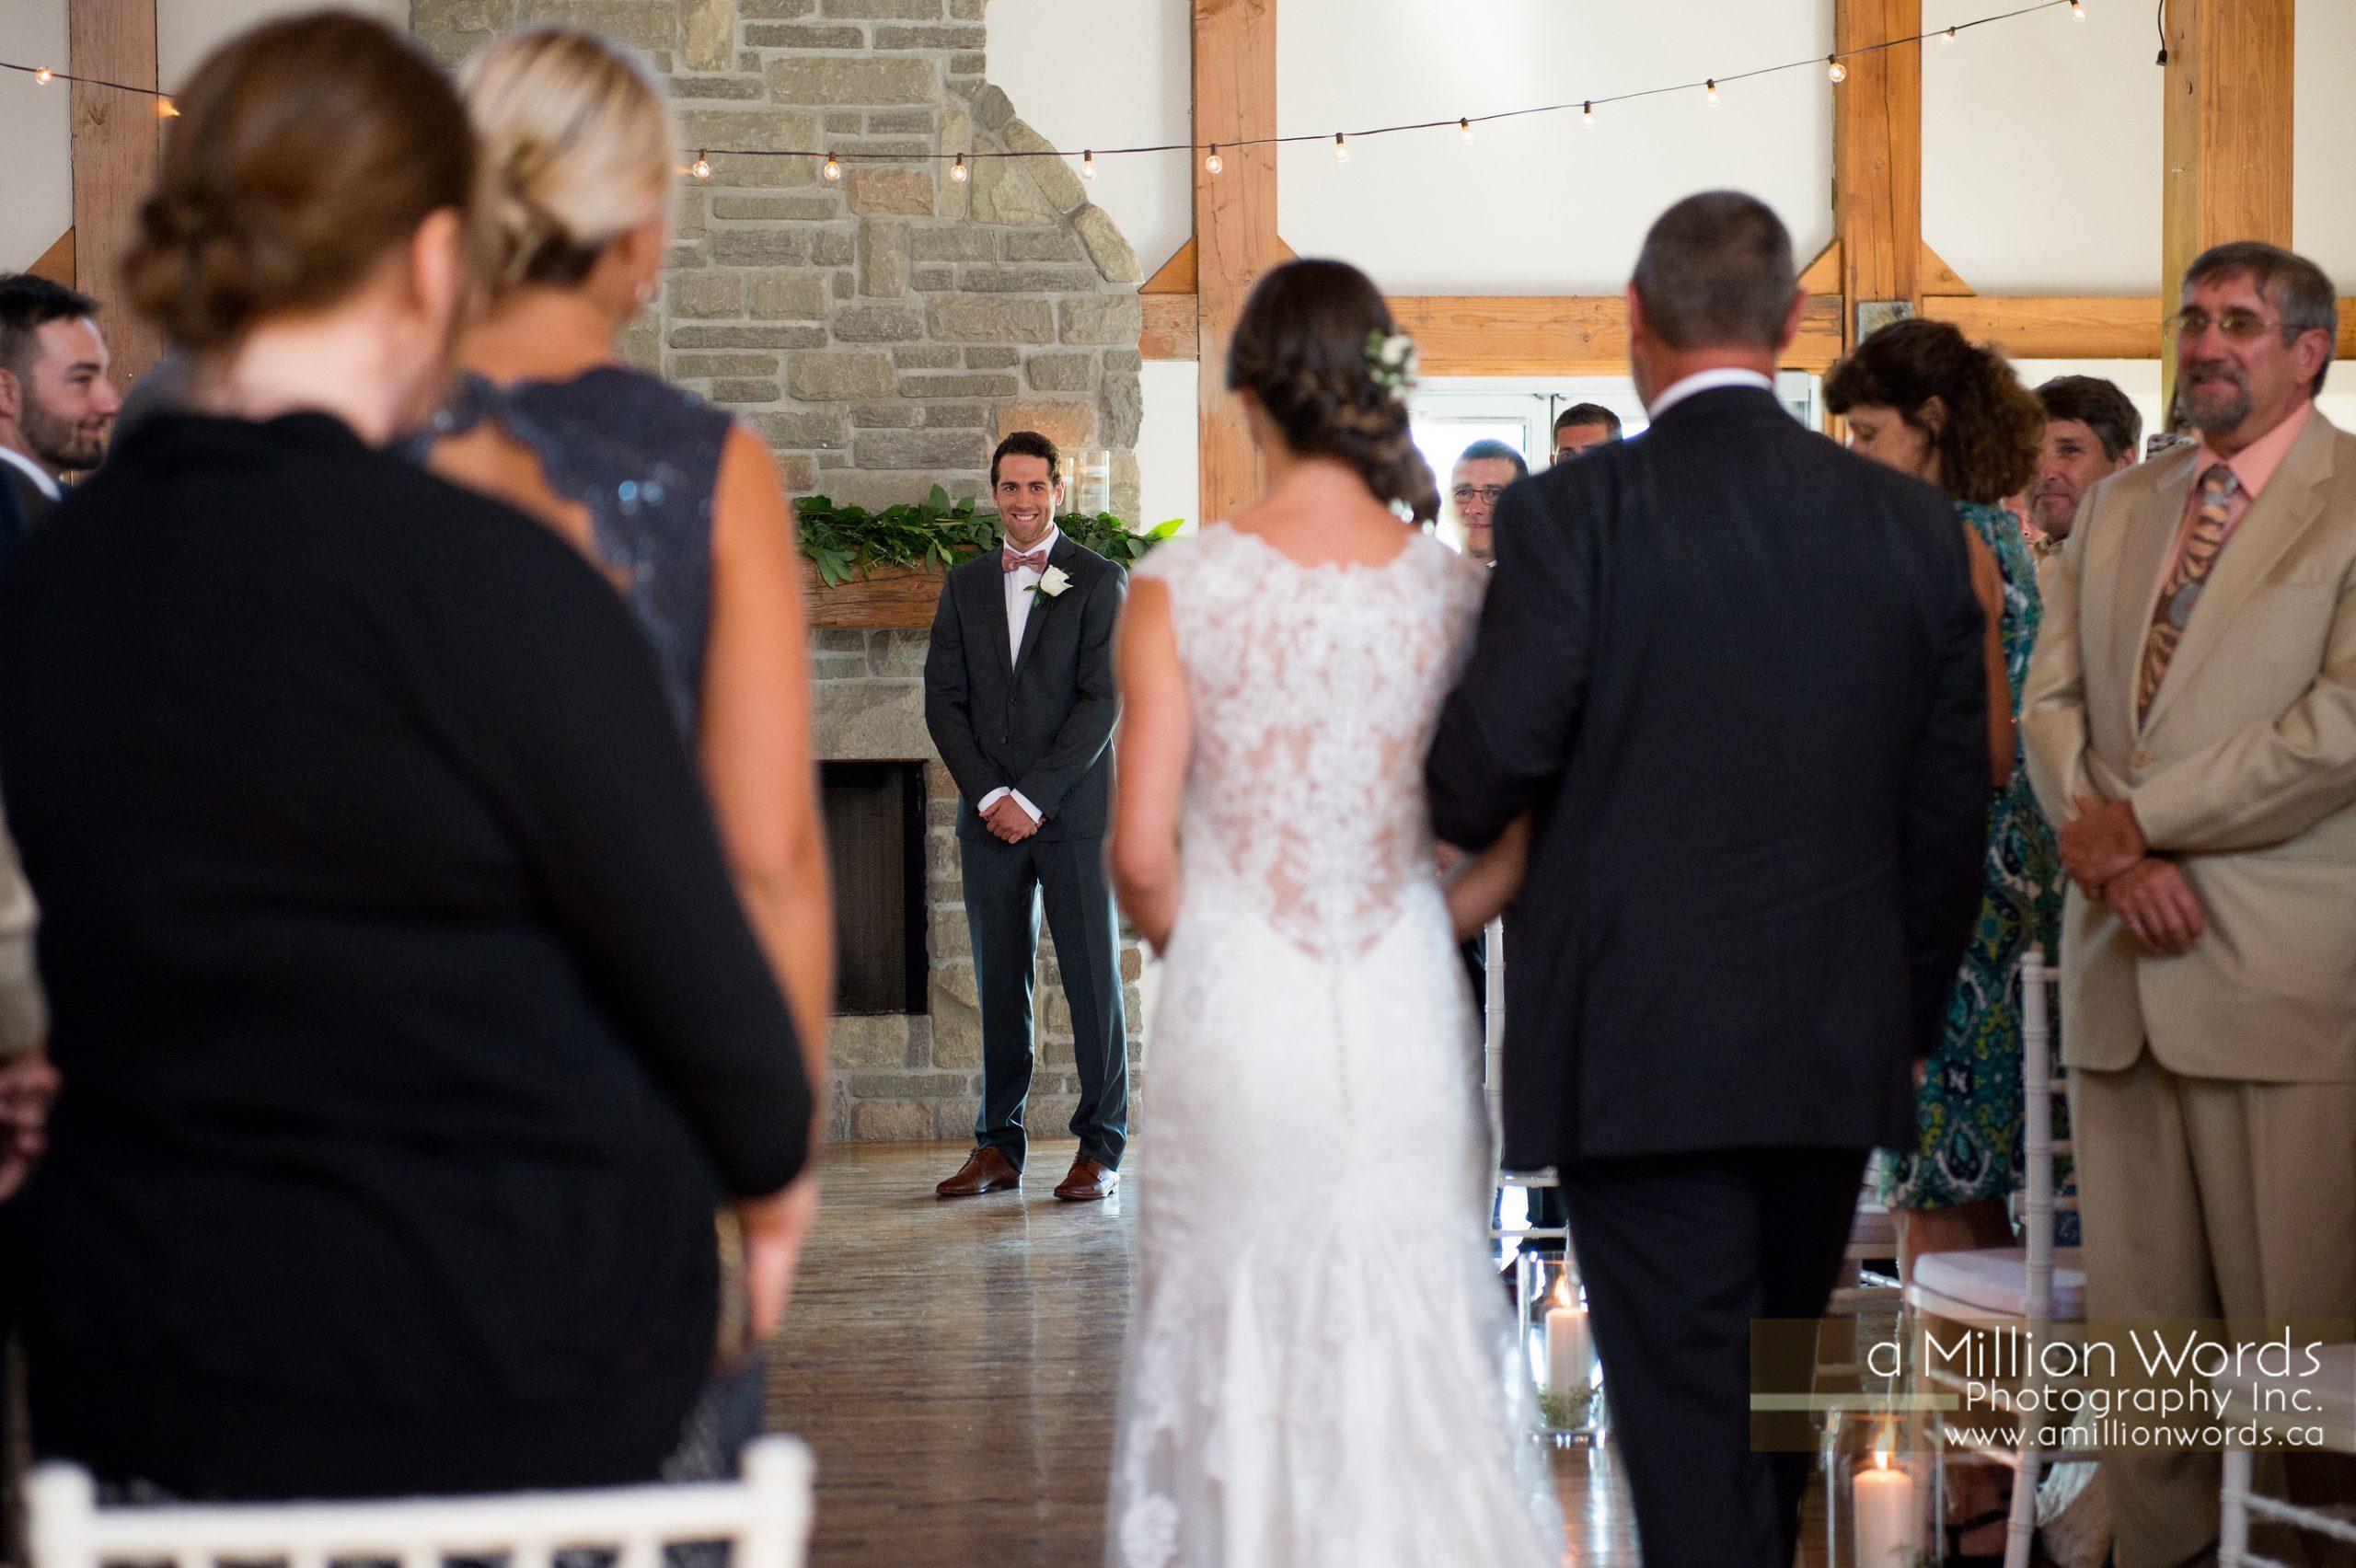 kw_wedding_photography26